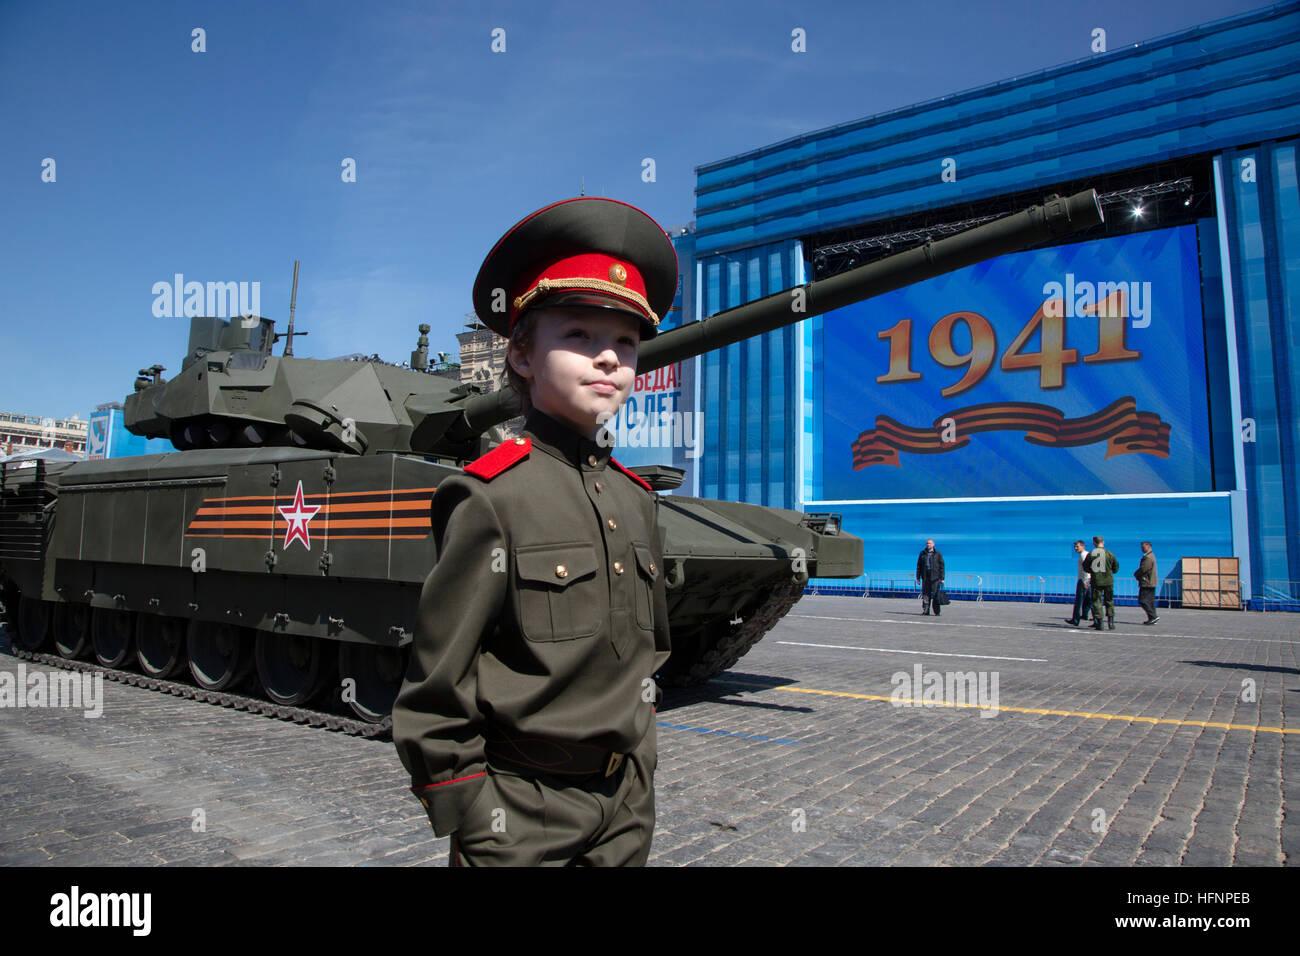 Russische Armee T-14 Armata Panzer fahren Sie in Richtung rotes Quadrat zur Teilnahme an der jährlichen Siegesparade Stockbild